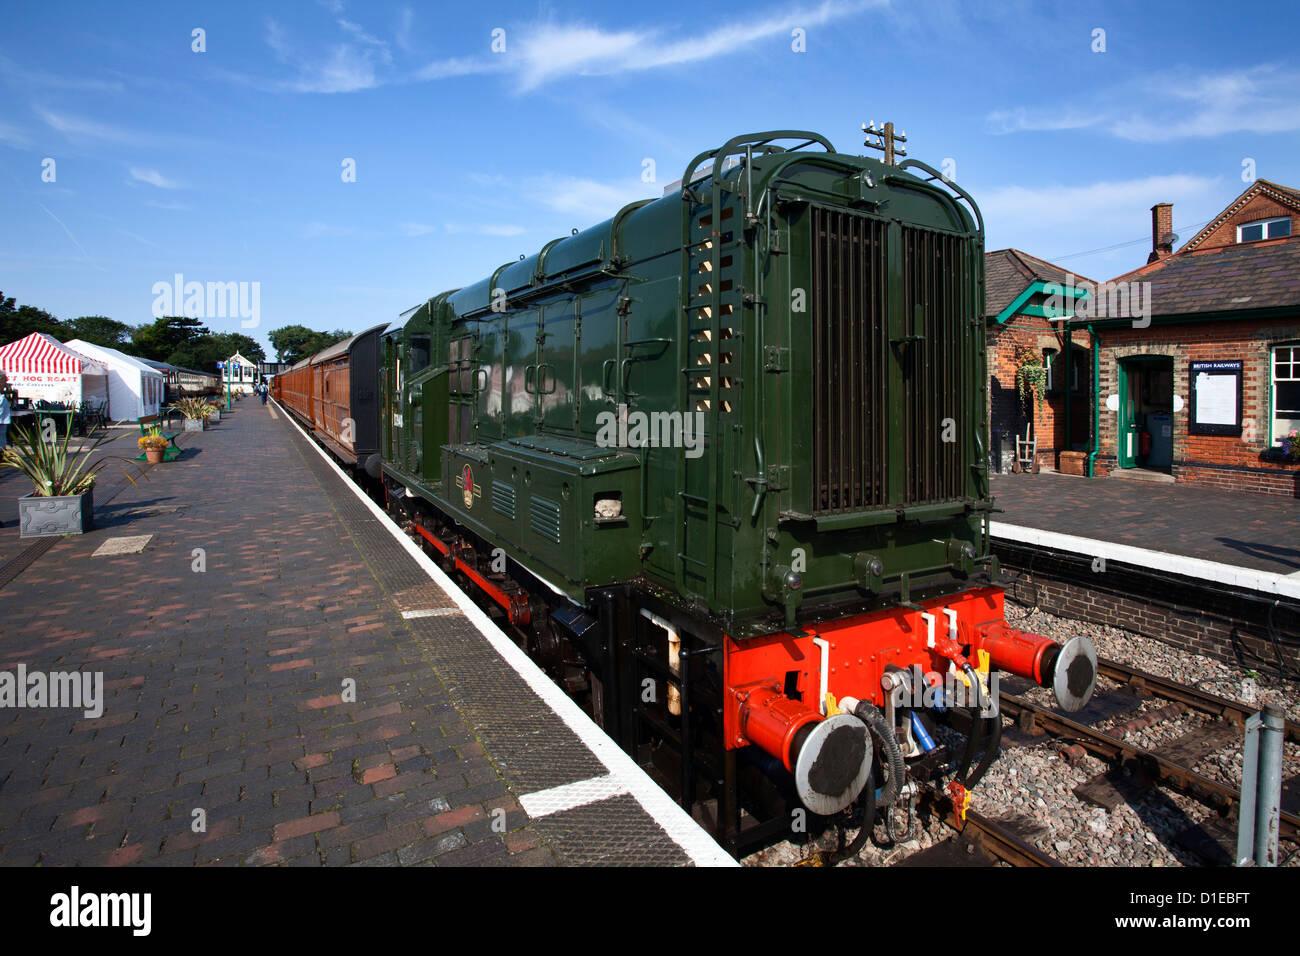 Clase 08 Locomotora D3940 de la adormidera, la línea ferroviaria de North Norfolk, en Sheringham, Norfolk, Imagen De Stock